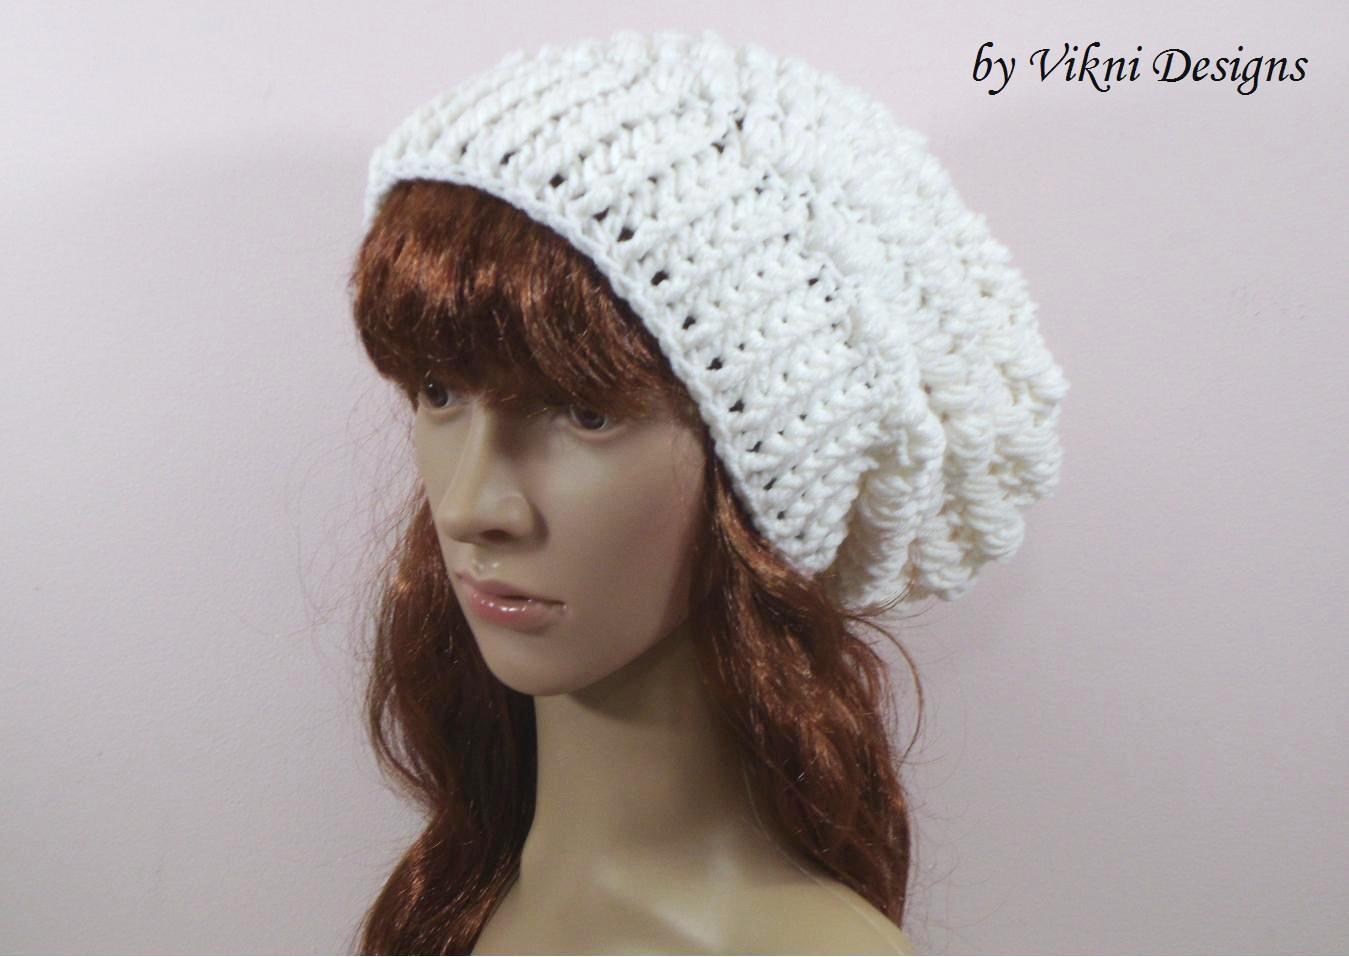 Crochet Slouchy Crochet Hat Beanie in White by Vikni Crochet Designs